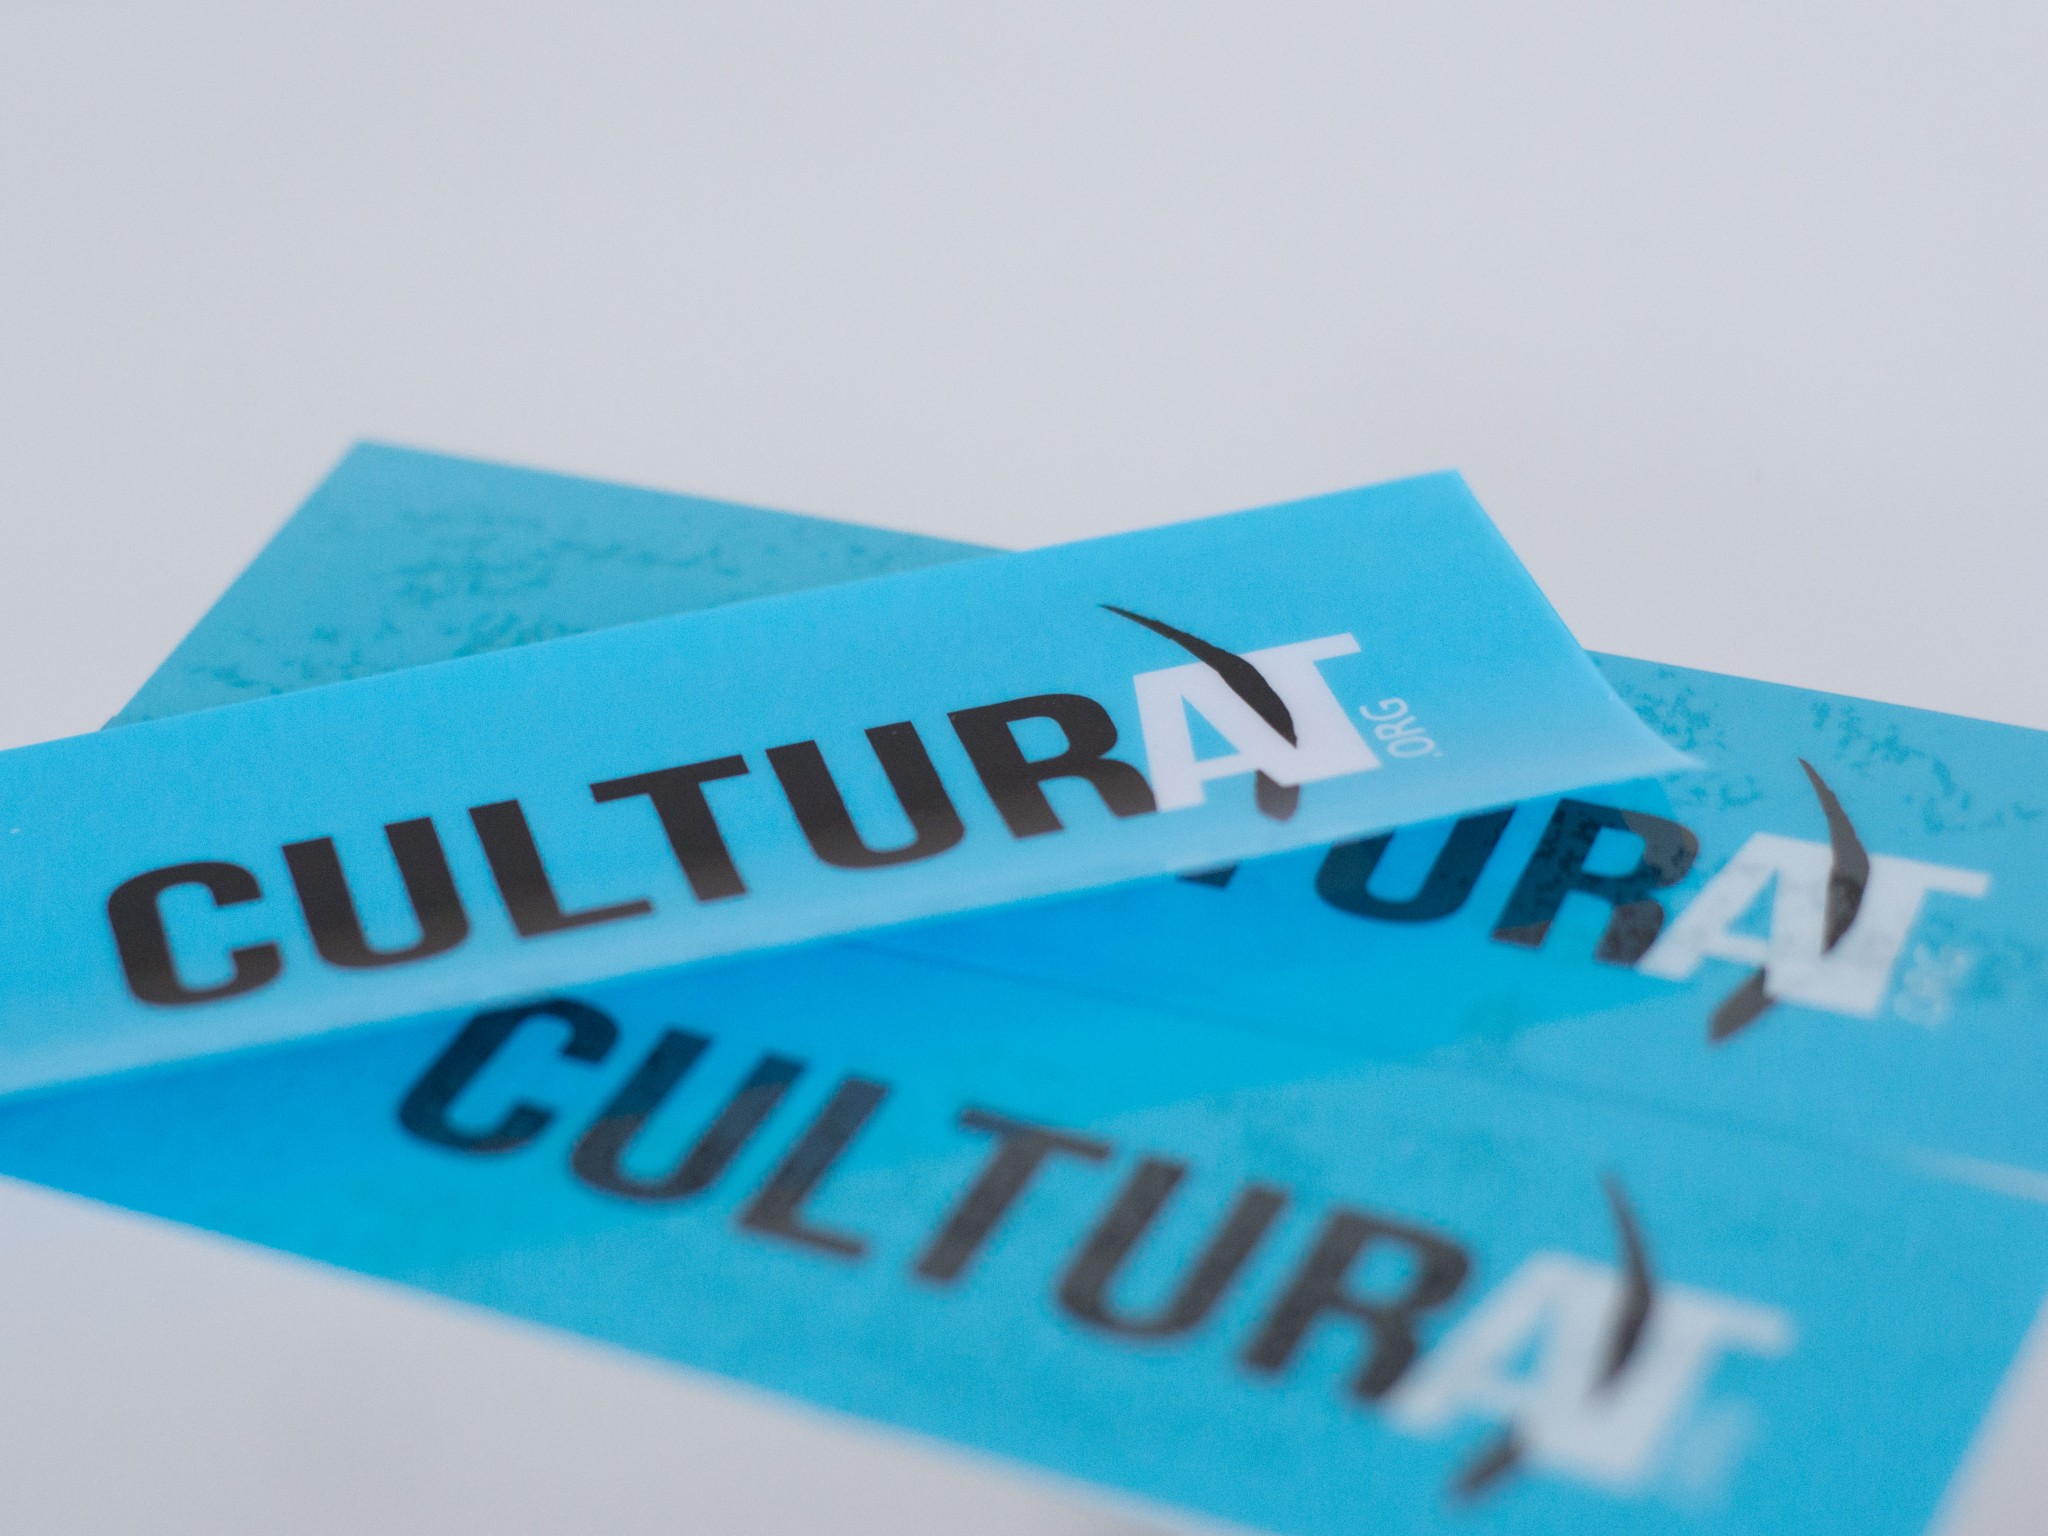 LA MRCVO ET TOURISME ABITIBI-TÉMISCAMINGUE LANCE  LE FONDS CULTURAT POUR LA RURALITÉ